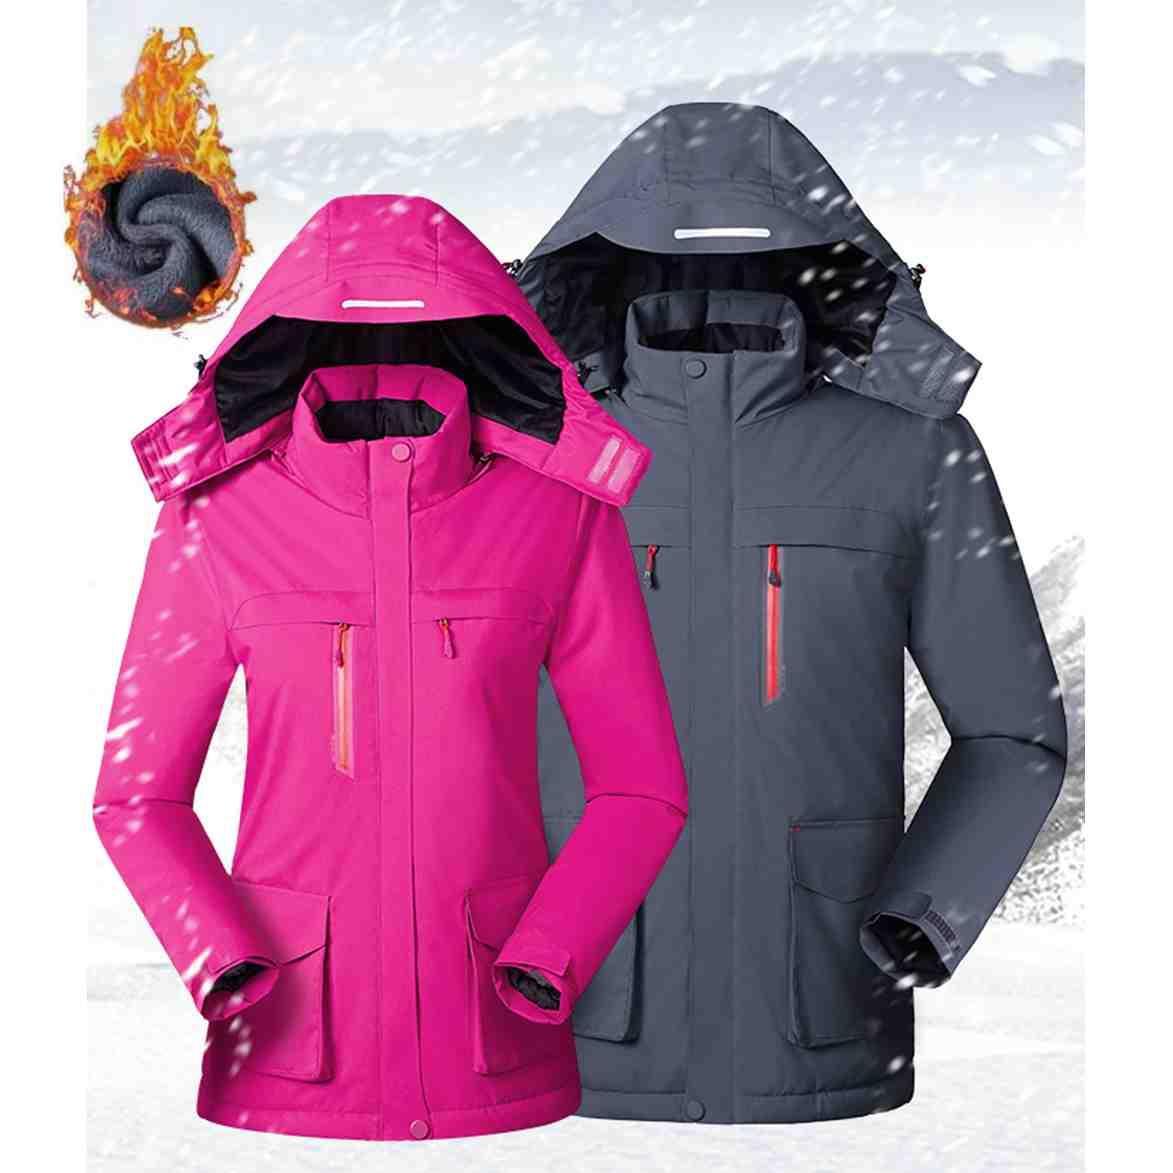 2021 Nouvelle veste chauffante de haute qualité pour femmes avec batterie et usine de hotte amovible FS9123